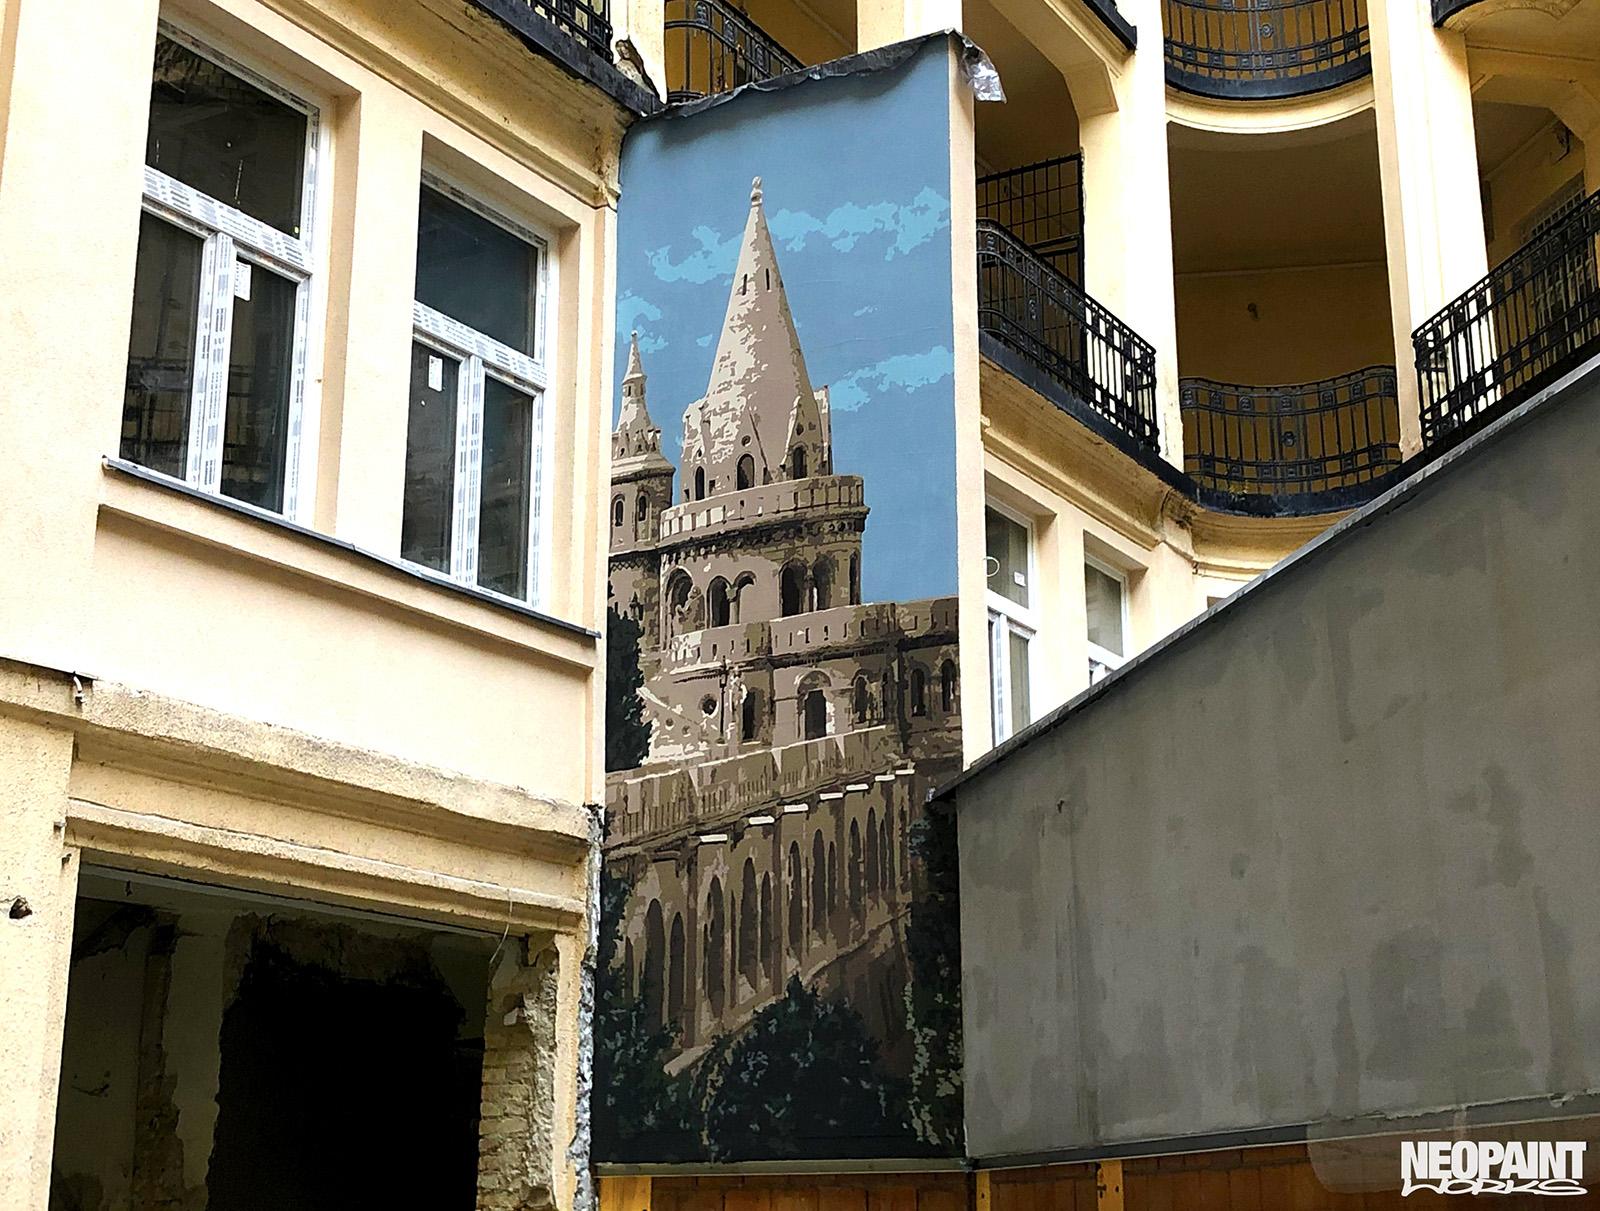 dekorációs falfestés - tűzfalfestés - kreatív festés - halaszbástya - neopaint works (1)